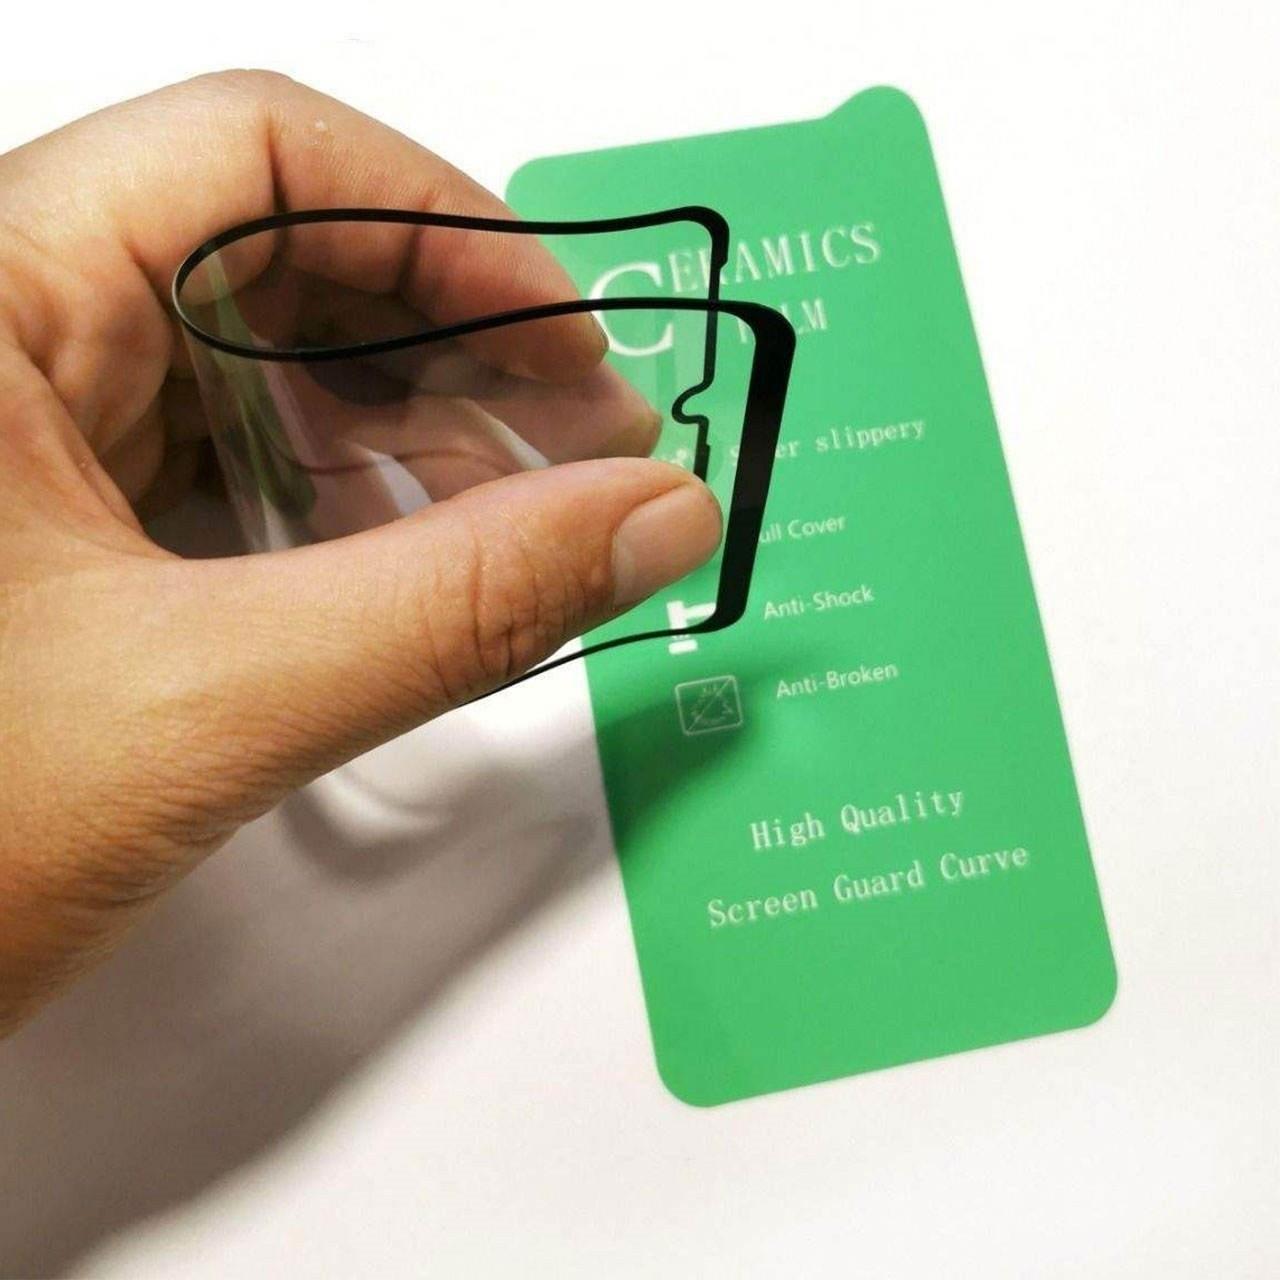 محافظ صفحه نمایش مات شیپ مدل SHcrm-01 مناسب برای گوشی موبایل هوآوی Y7P